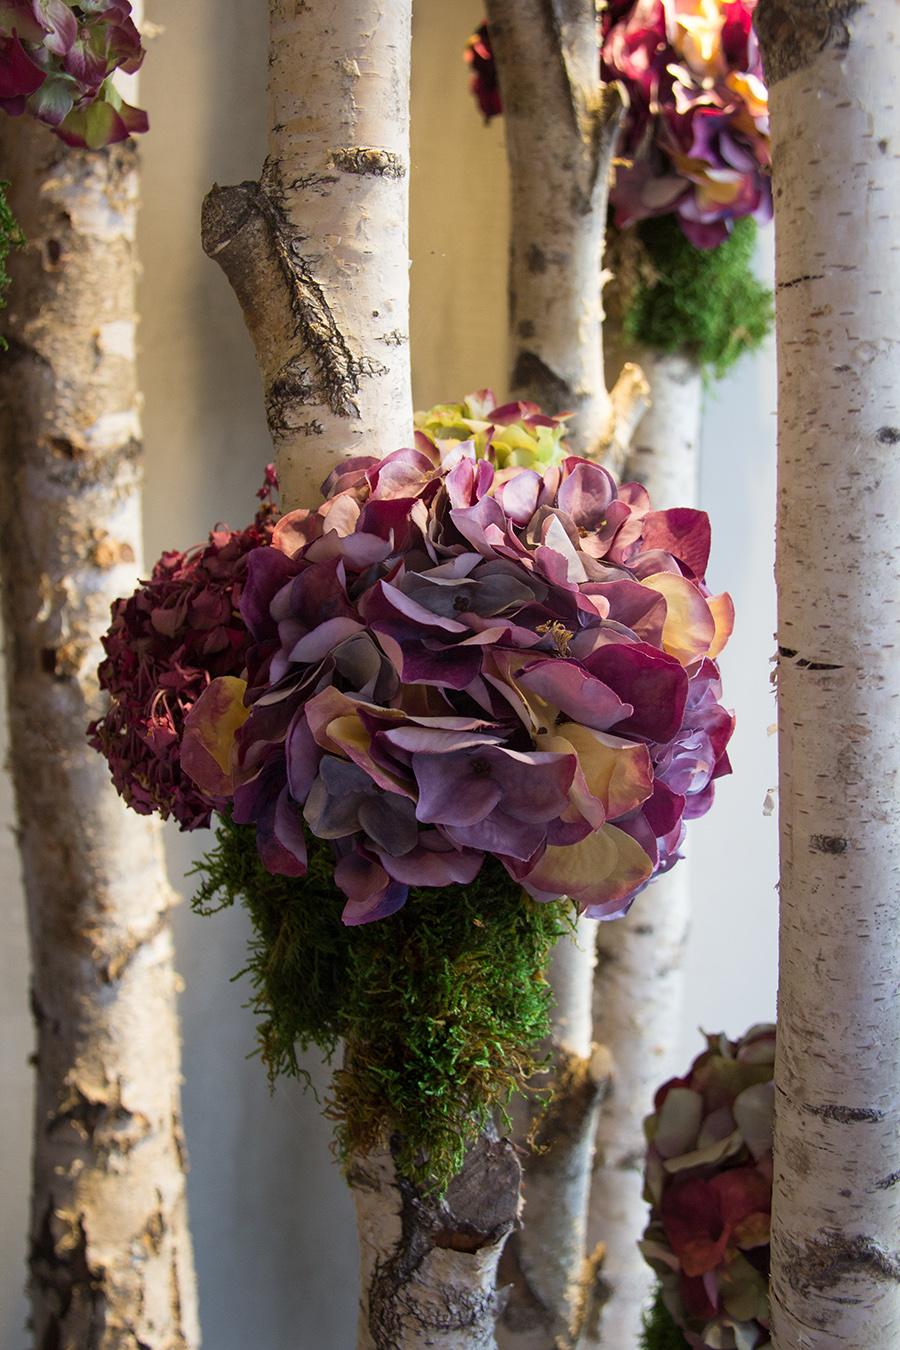 symphonie-florale-automne-hortensias-4